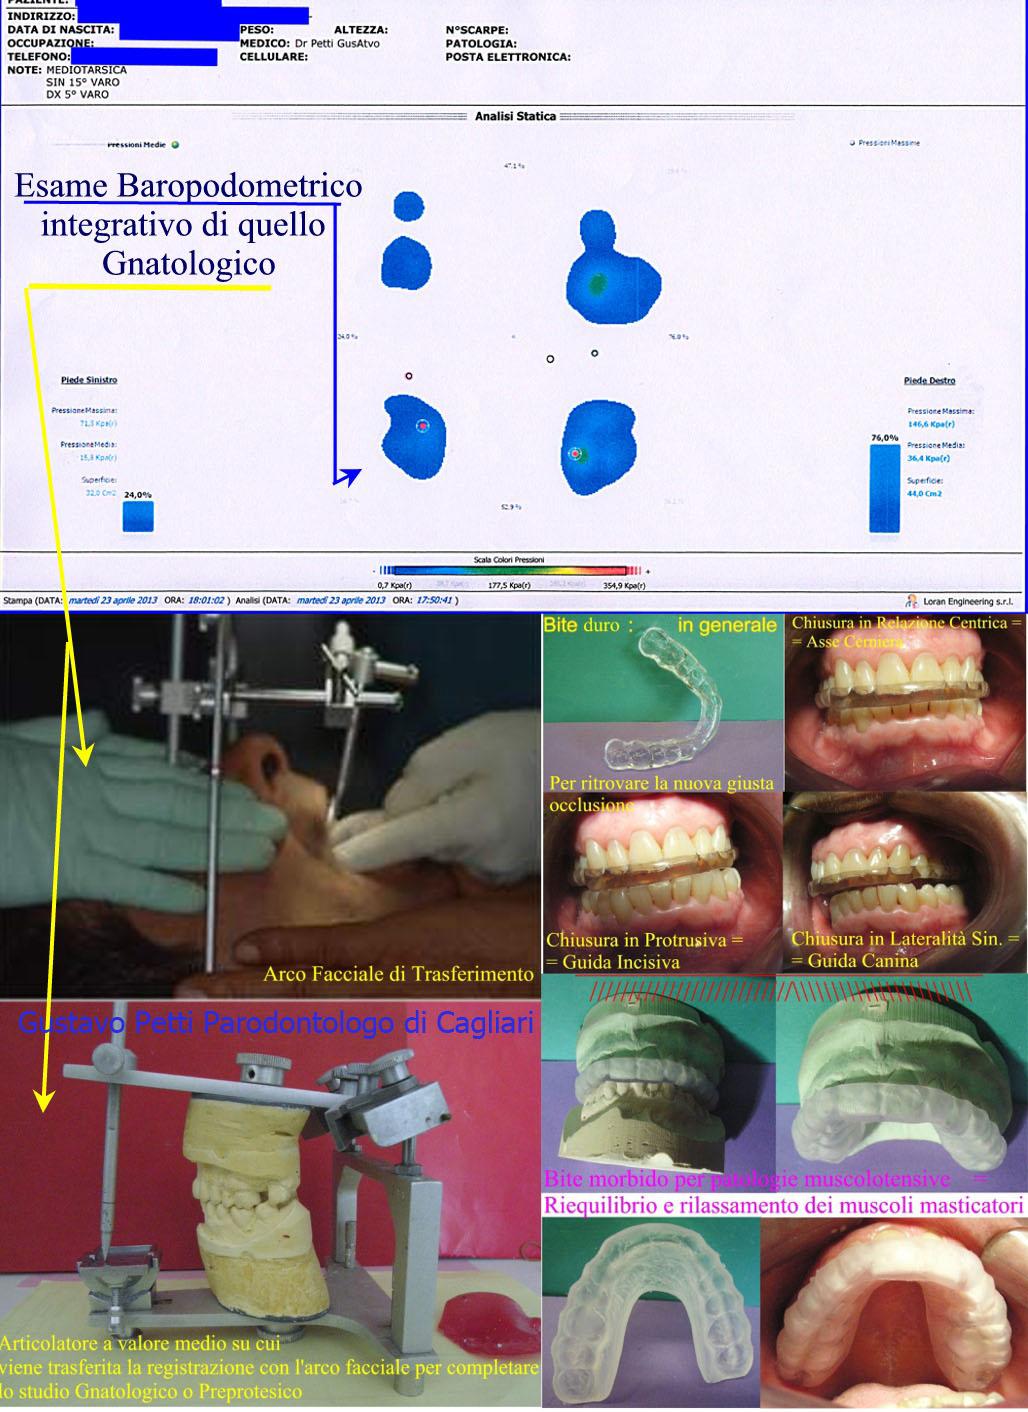 Dr. Gustavo Petti Parodontologo Gnatologo di Cagliari. Arco Facciale di Trasferimento ed Articolatore a Valore Medio (anche vari tipi di Bite) come parte di Studio Gnatologico Preimplantologico e Preprotesico!